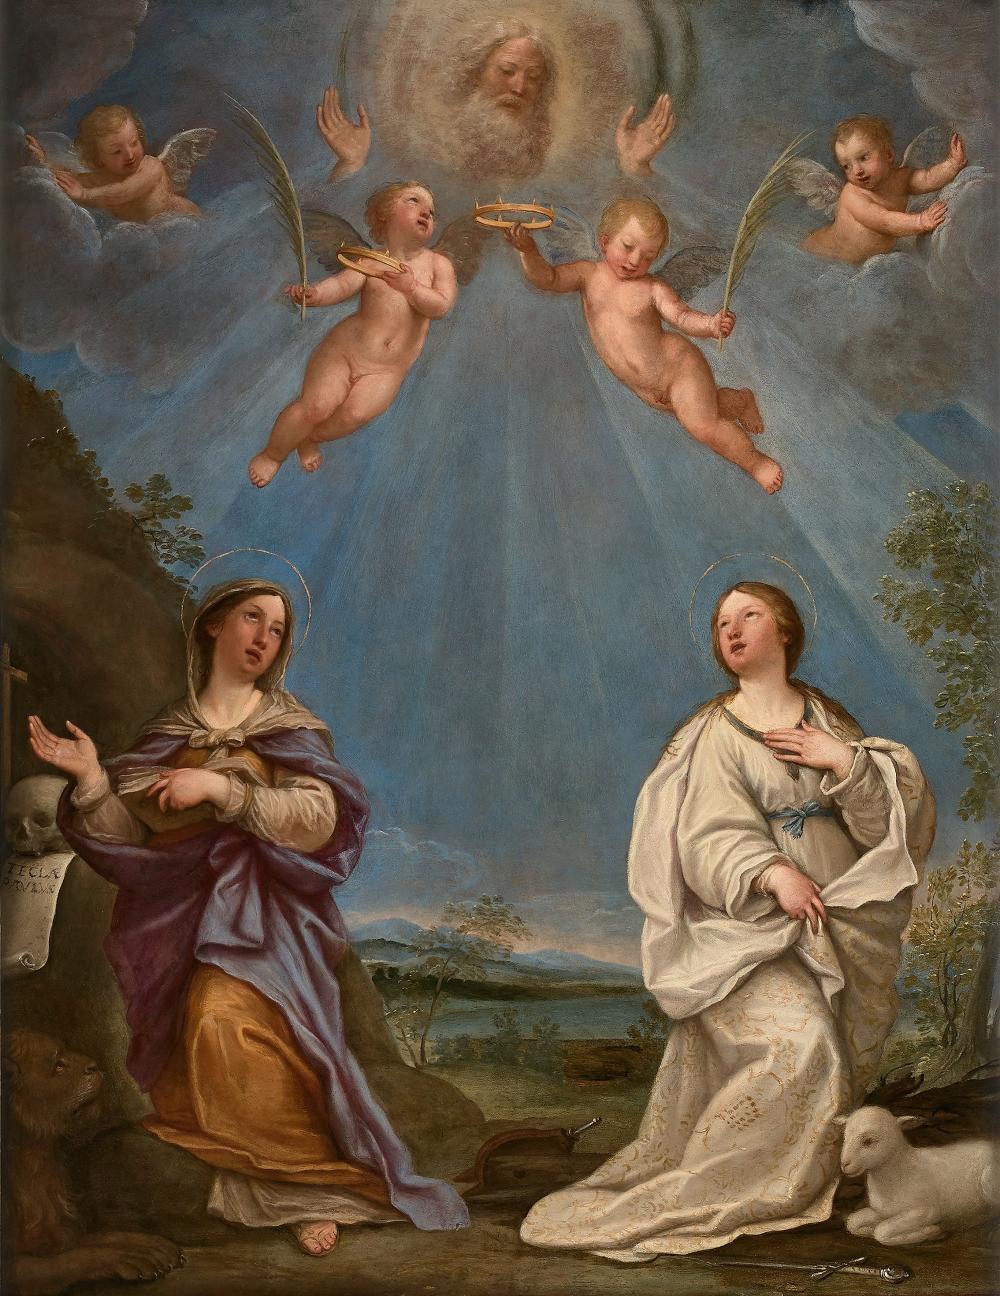 Francesco ALBANI, dit l'Albane Bologne, 1578 - 1660 Dieu le Père apparaissant à sainte Thècle et sainte Agnès Huile sur cuivre